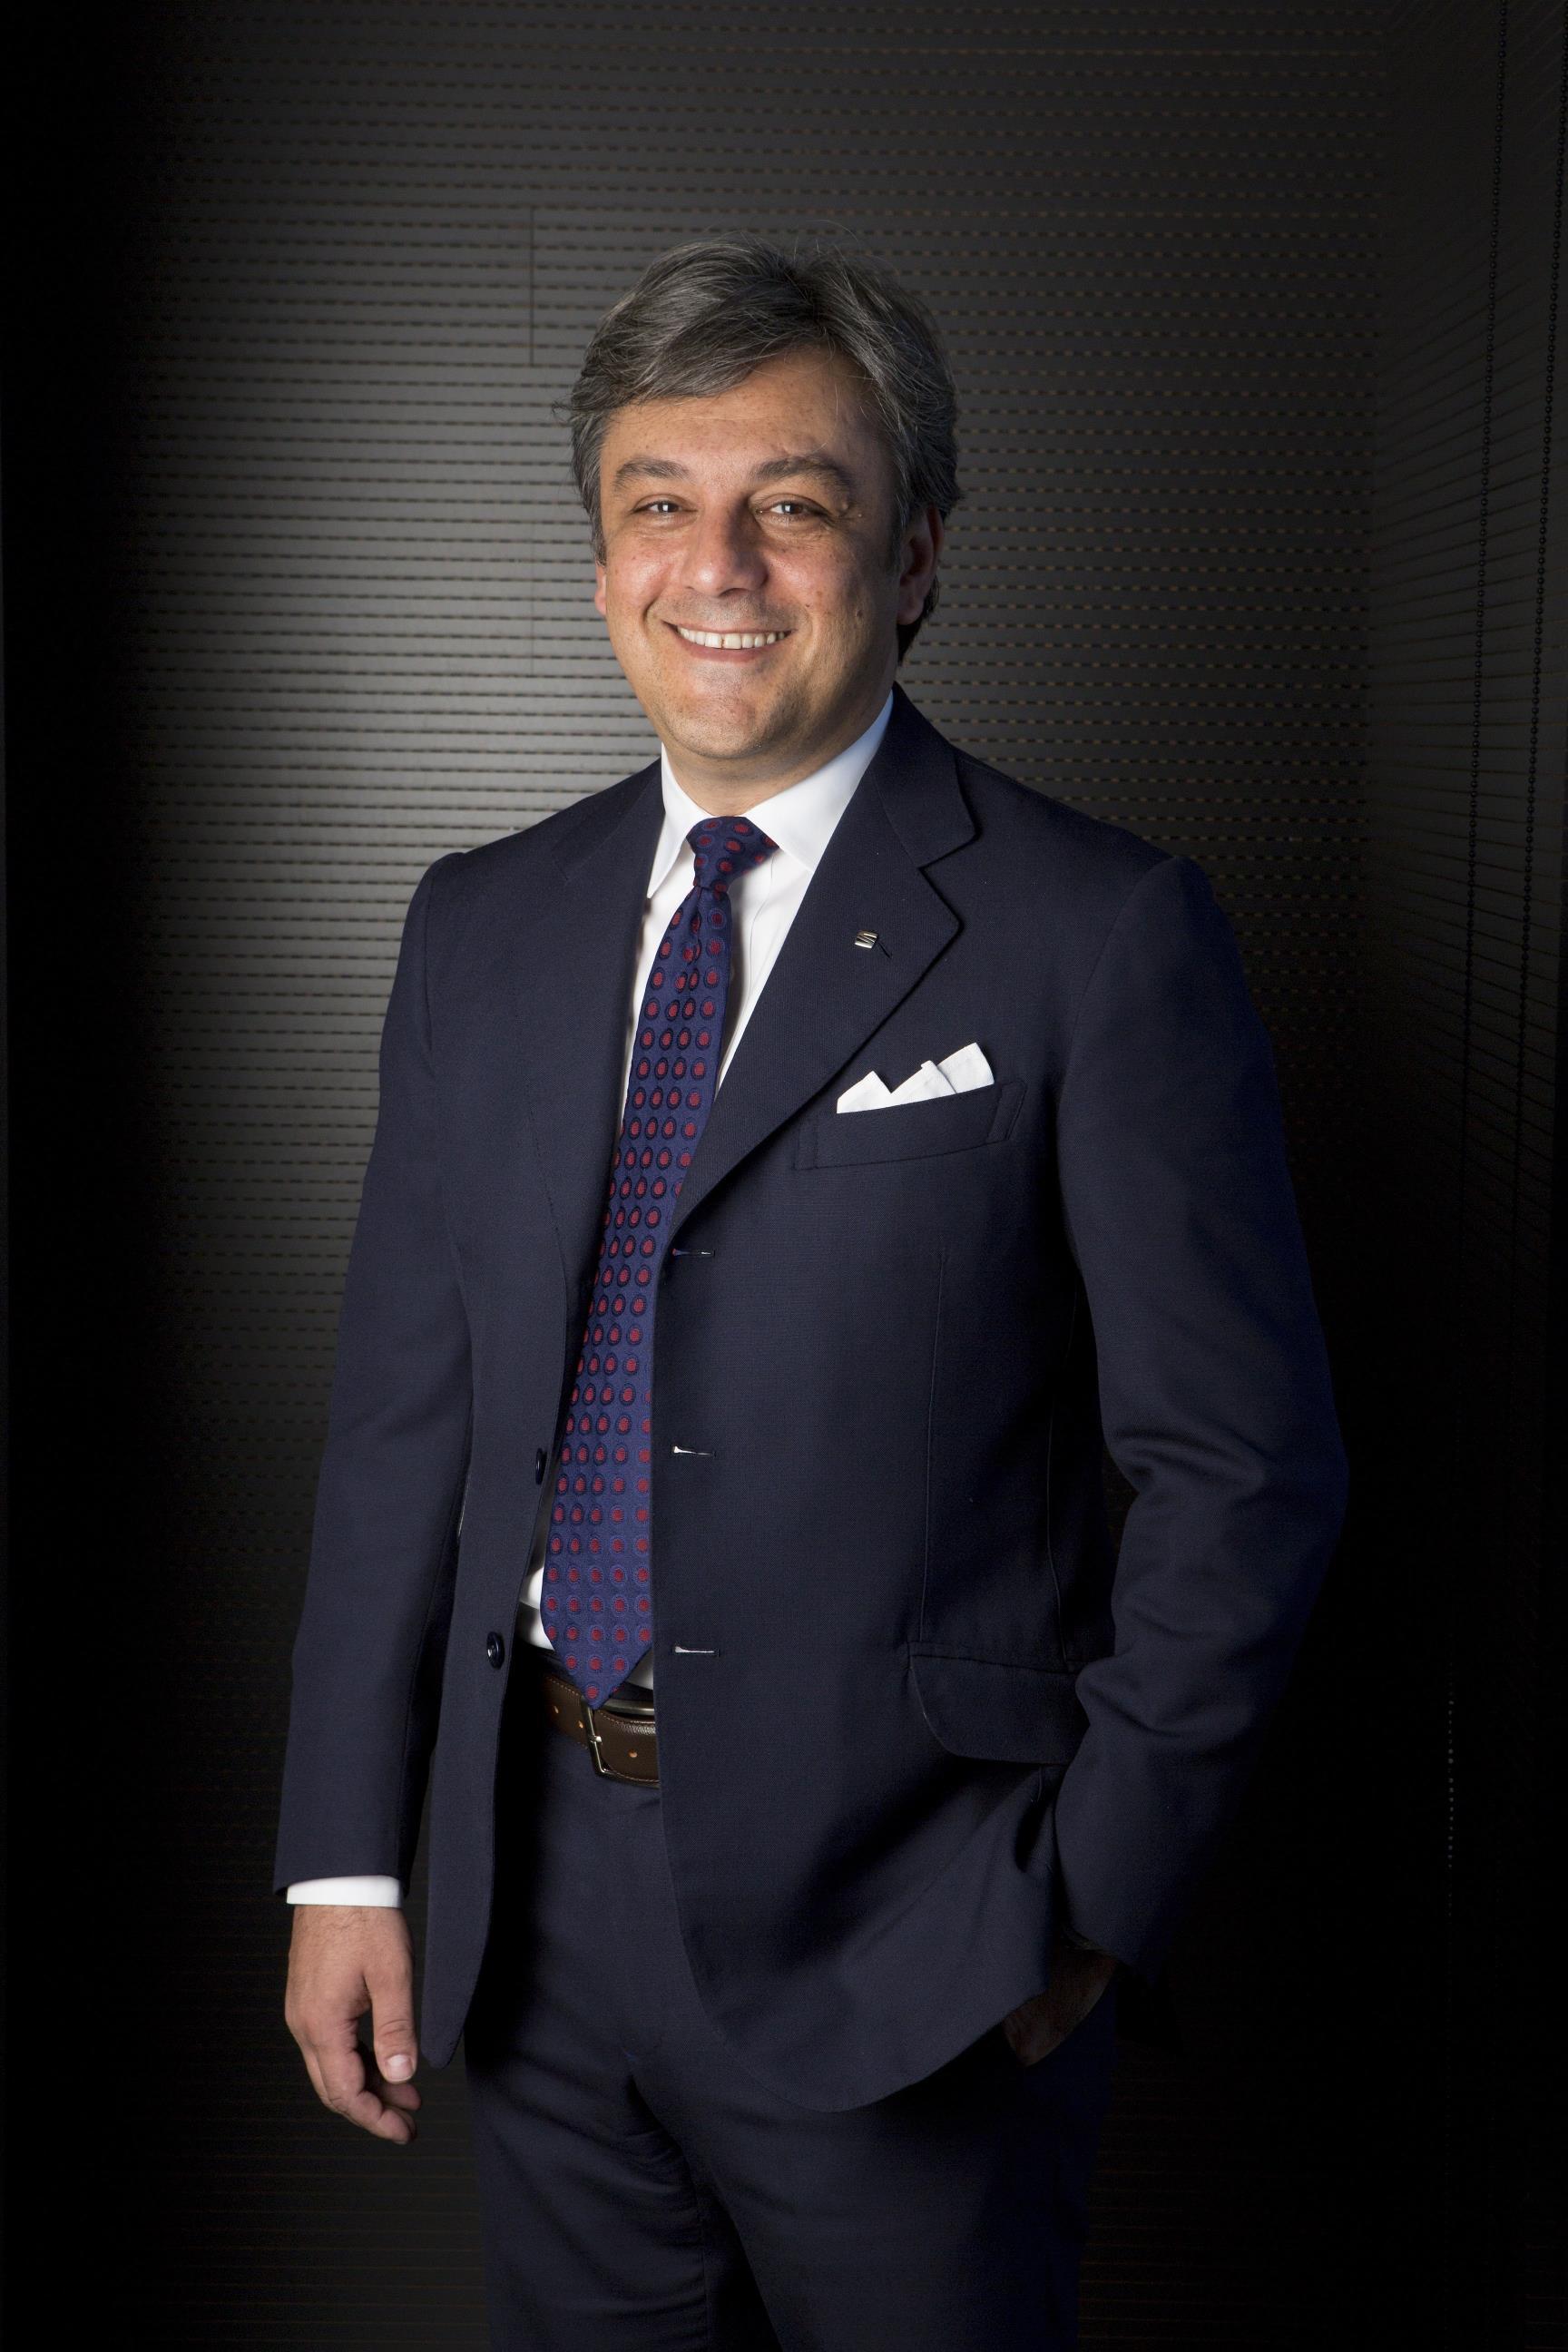 El CEO de Seat, Luca de Meo